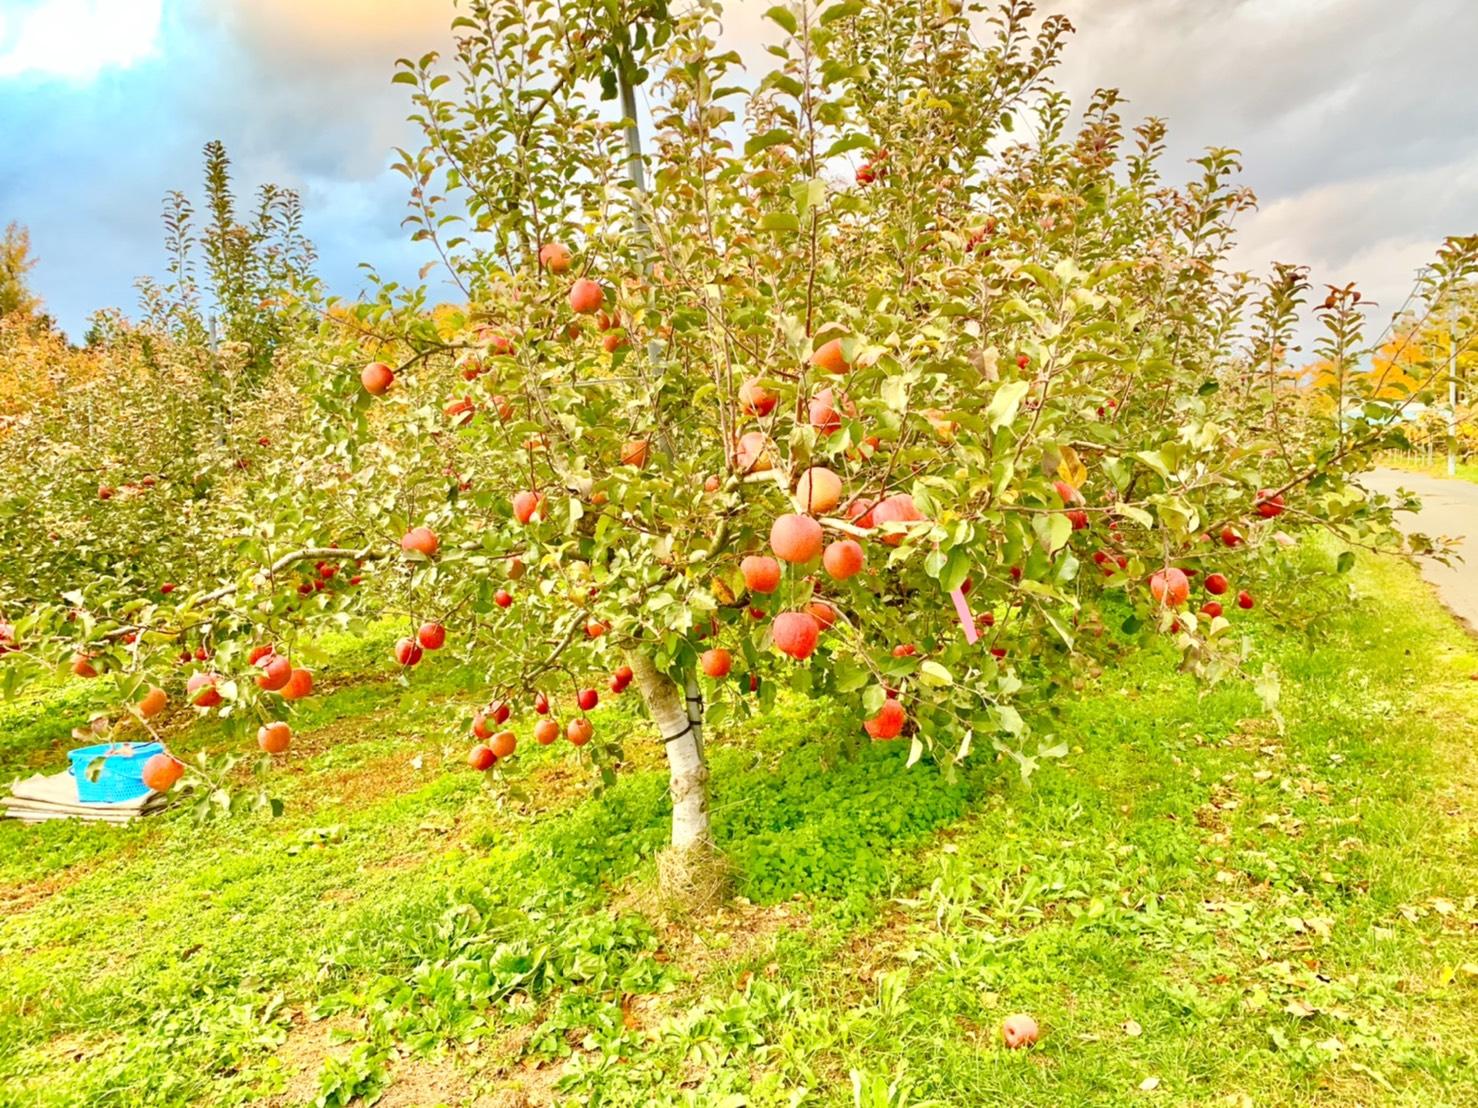 [引退馬支援]馬ふん堆肥を広めるために、りんごの木を共同所有。